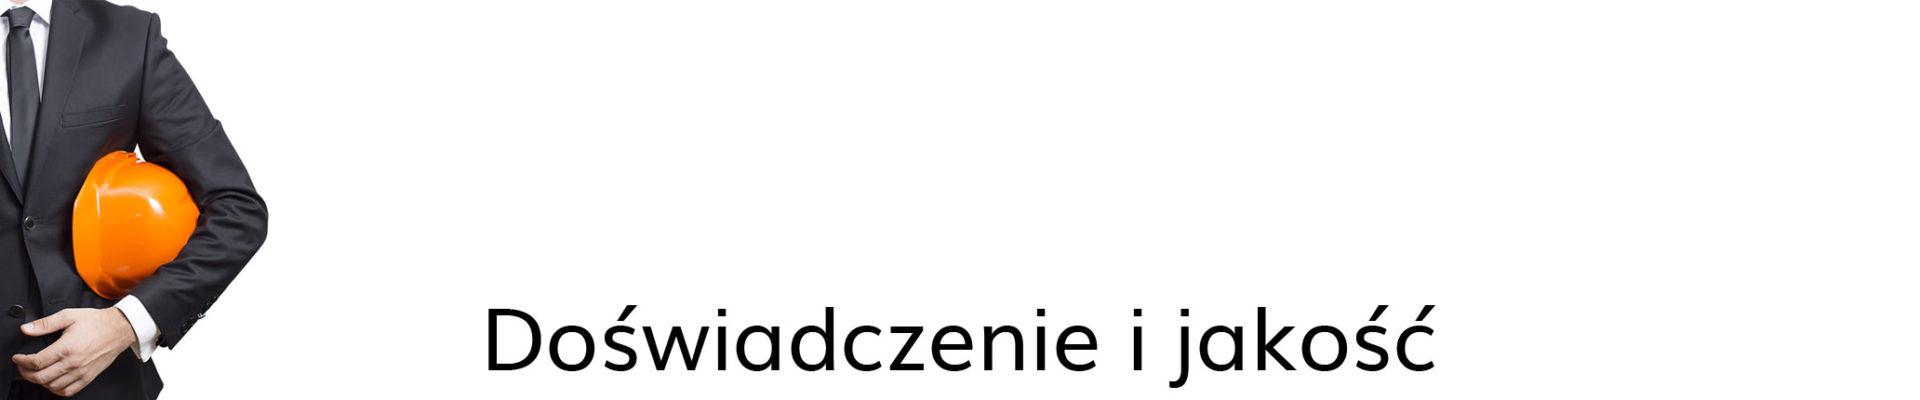 adaptacja24.pl |Doświadczenie i jakość